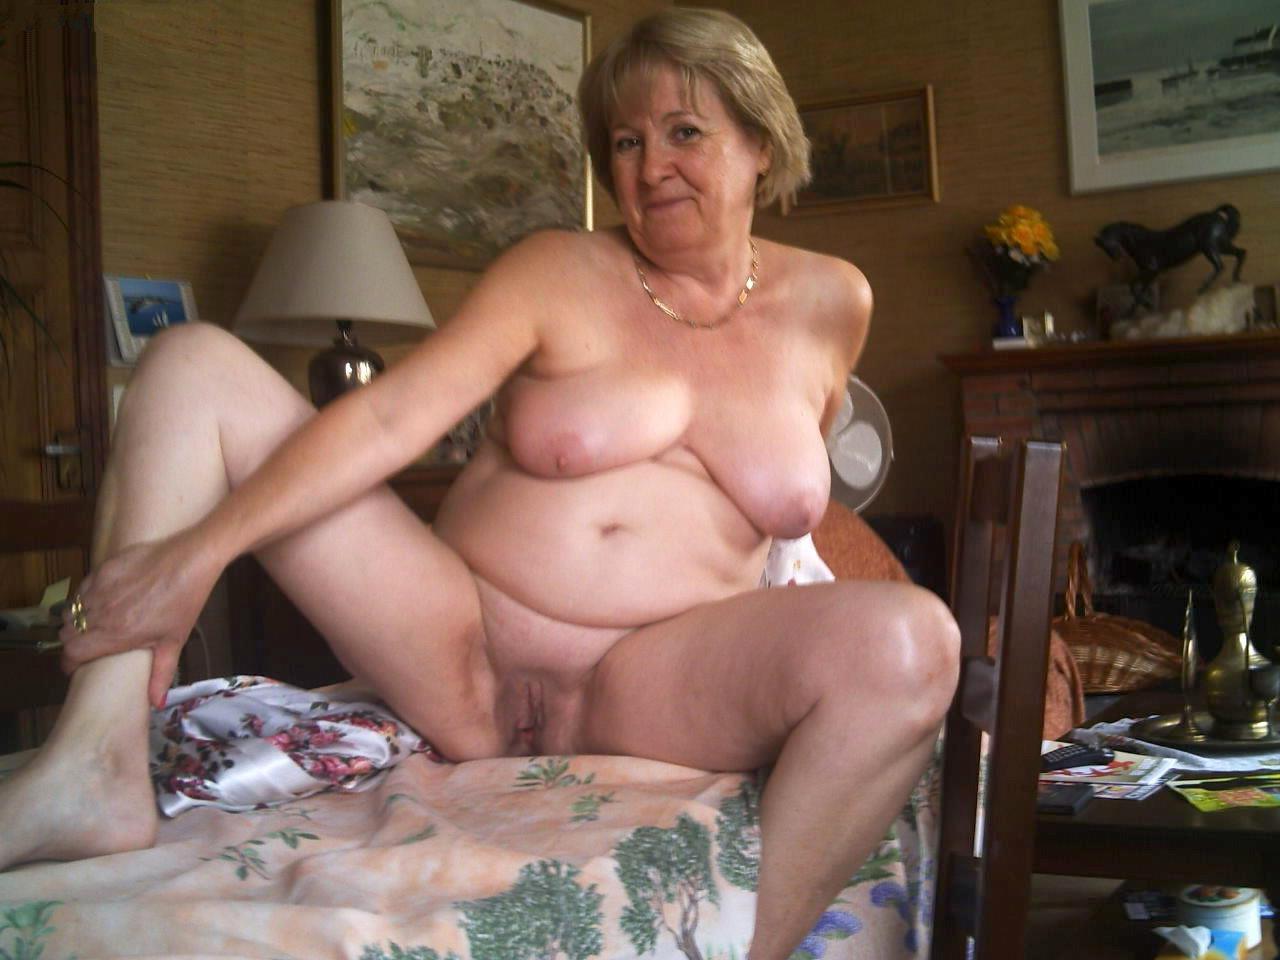 женщины за 50 с ольшими сиськами